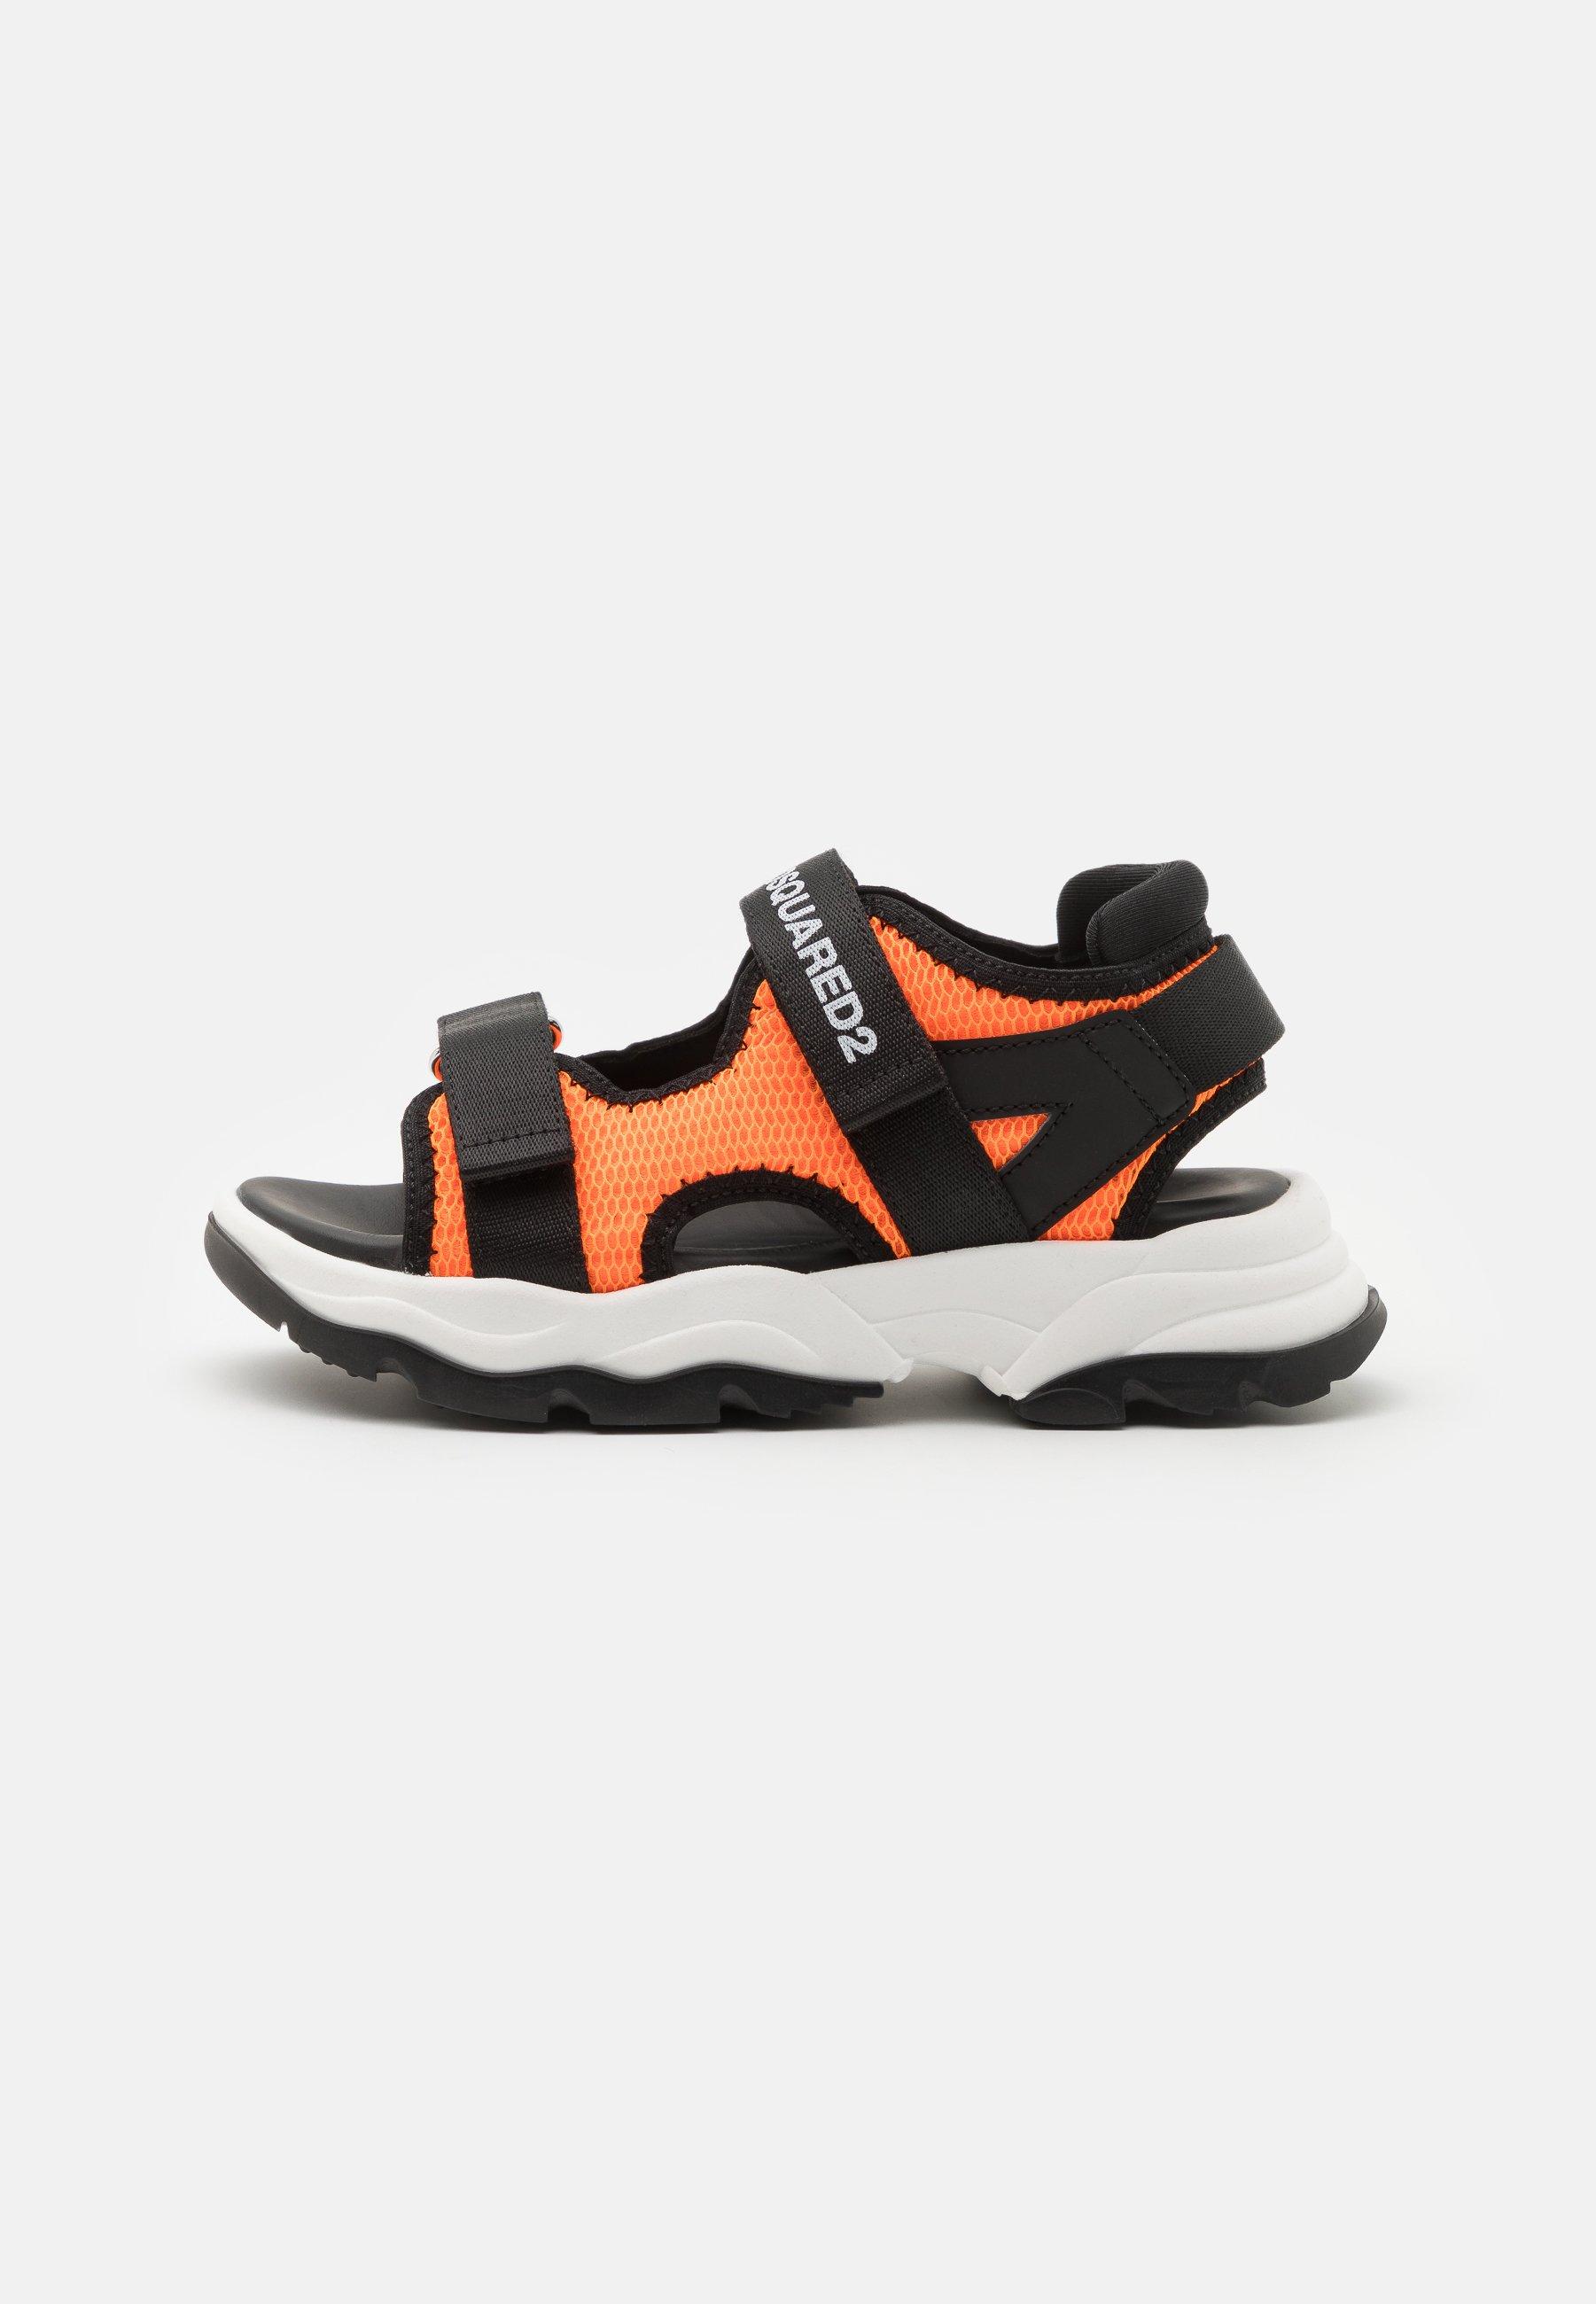 Enfant UNISEX - Sandales de randonnée